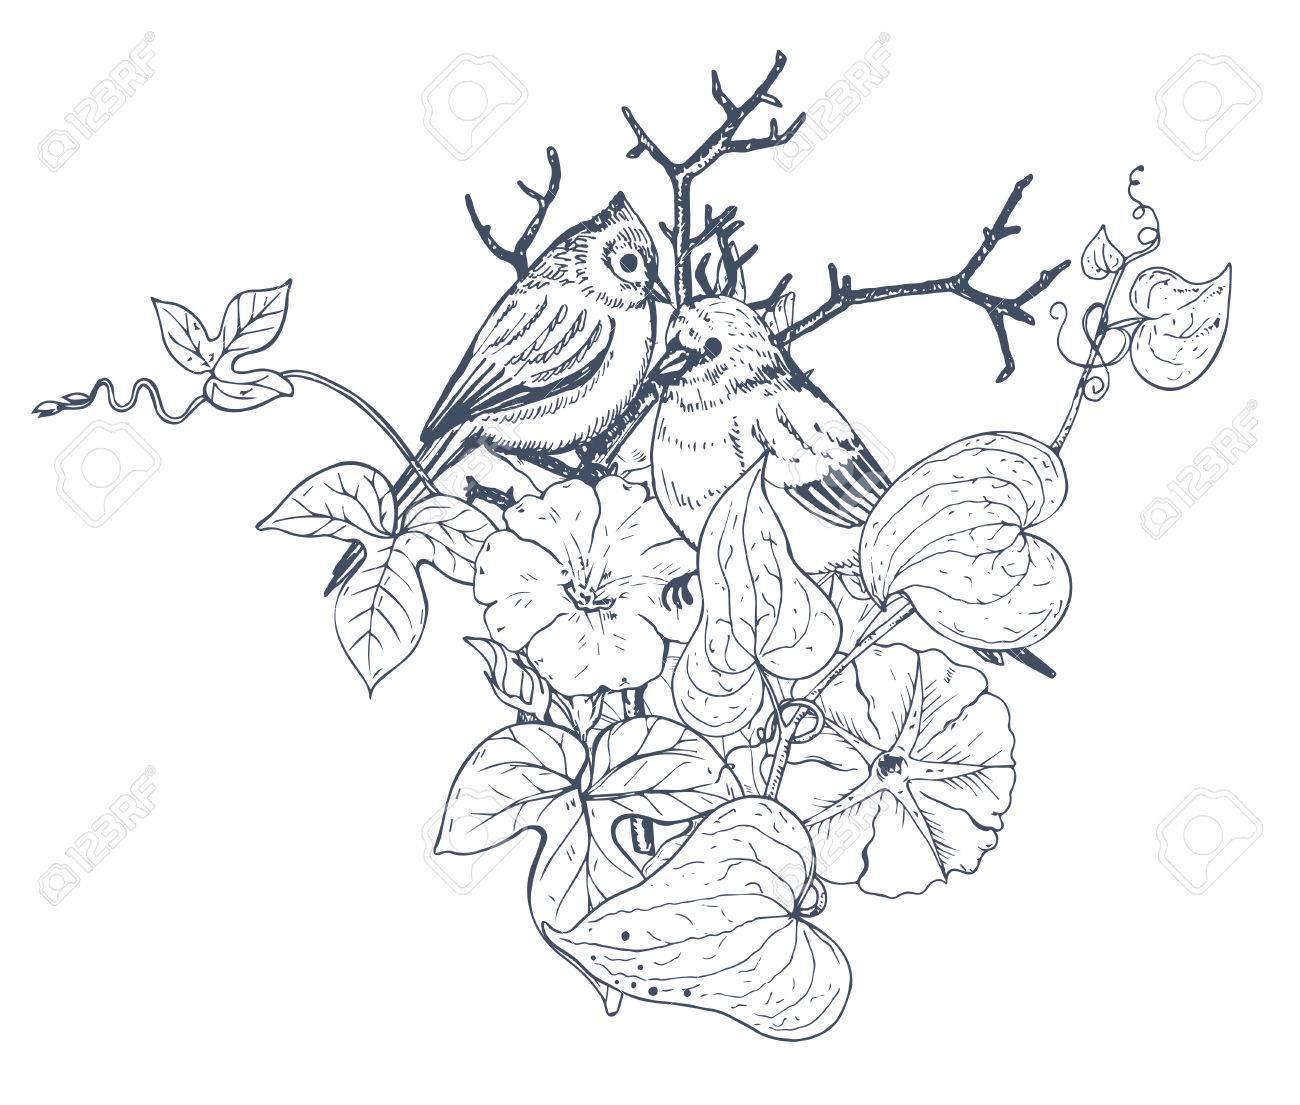 Composición Floral Ramo Con Dibujados A Mano Flores Plantas Y Aves Ilustración Vectorial Blanco Y Negro En El Estilo De Dibujo